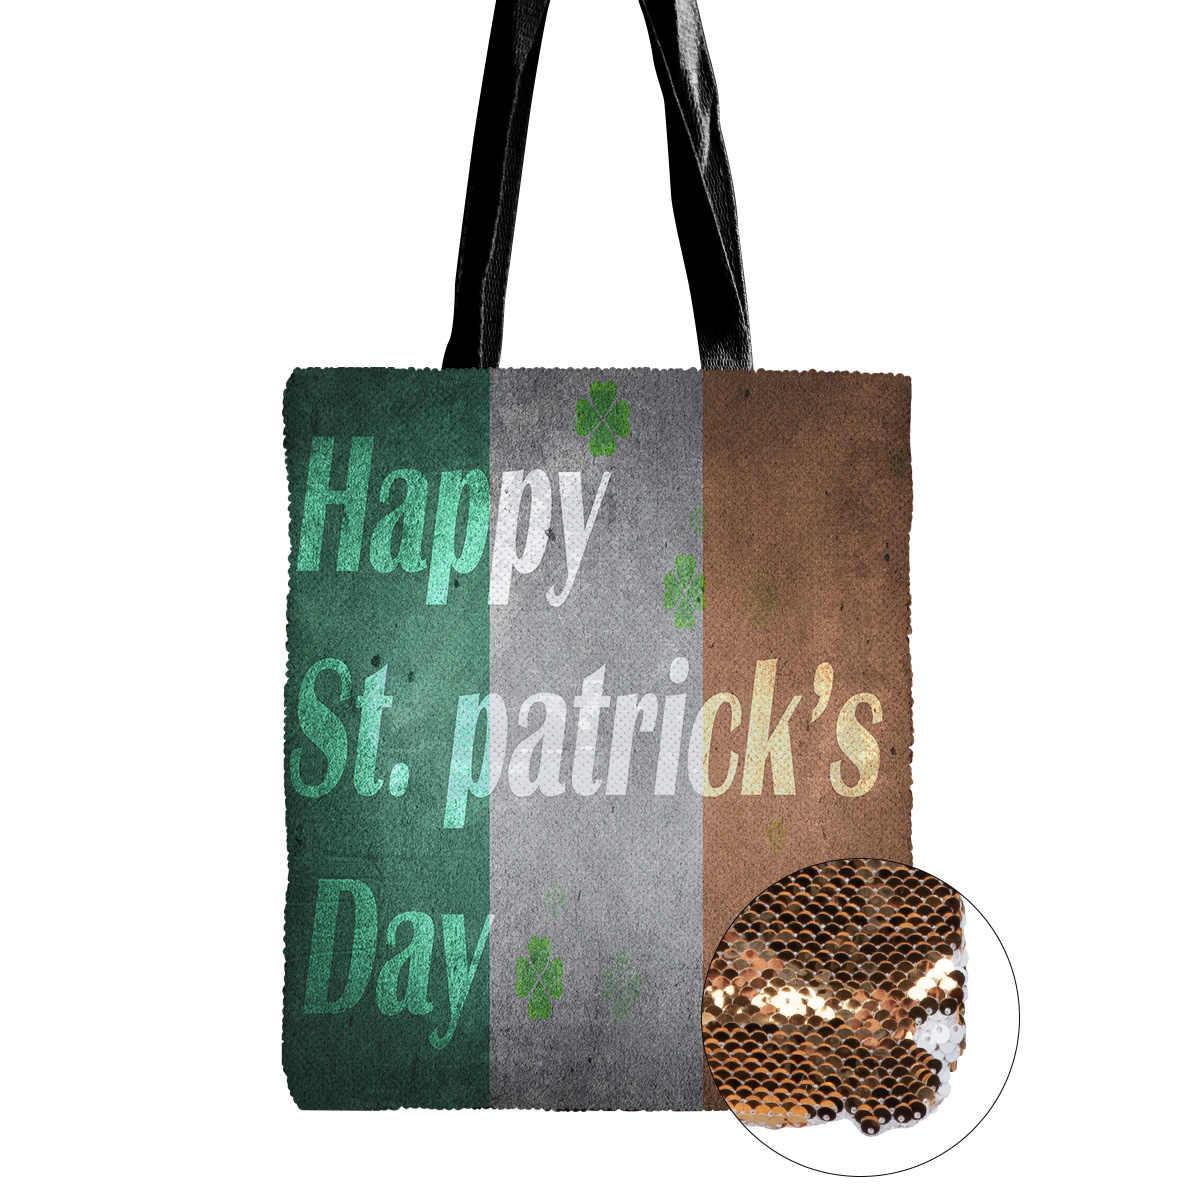 Gelukkig St Patricks Day Klaver Ierland Muur Patroon Enkele Schoudertas Flip Pailletten Voor Vrouwen Reizen Ongedwongen Party Boek Tas